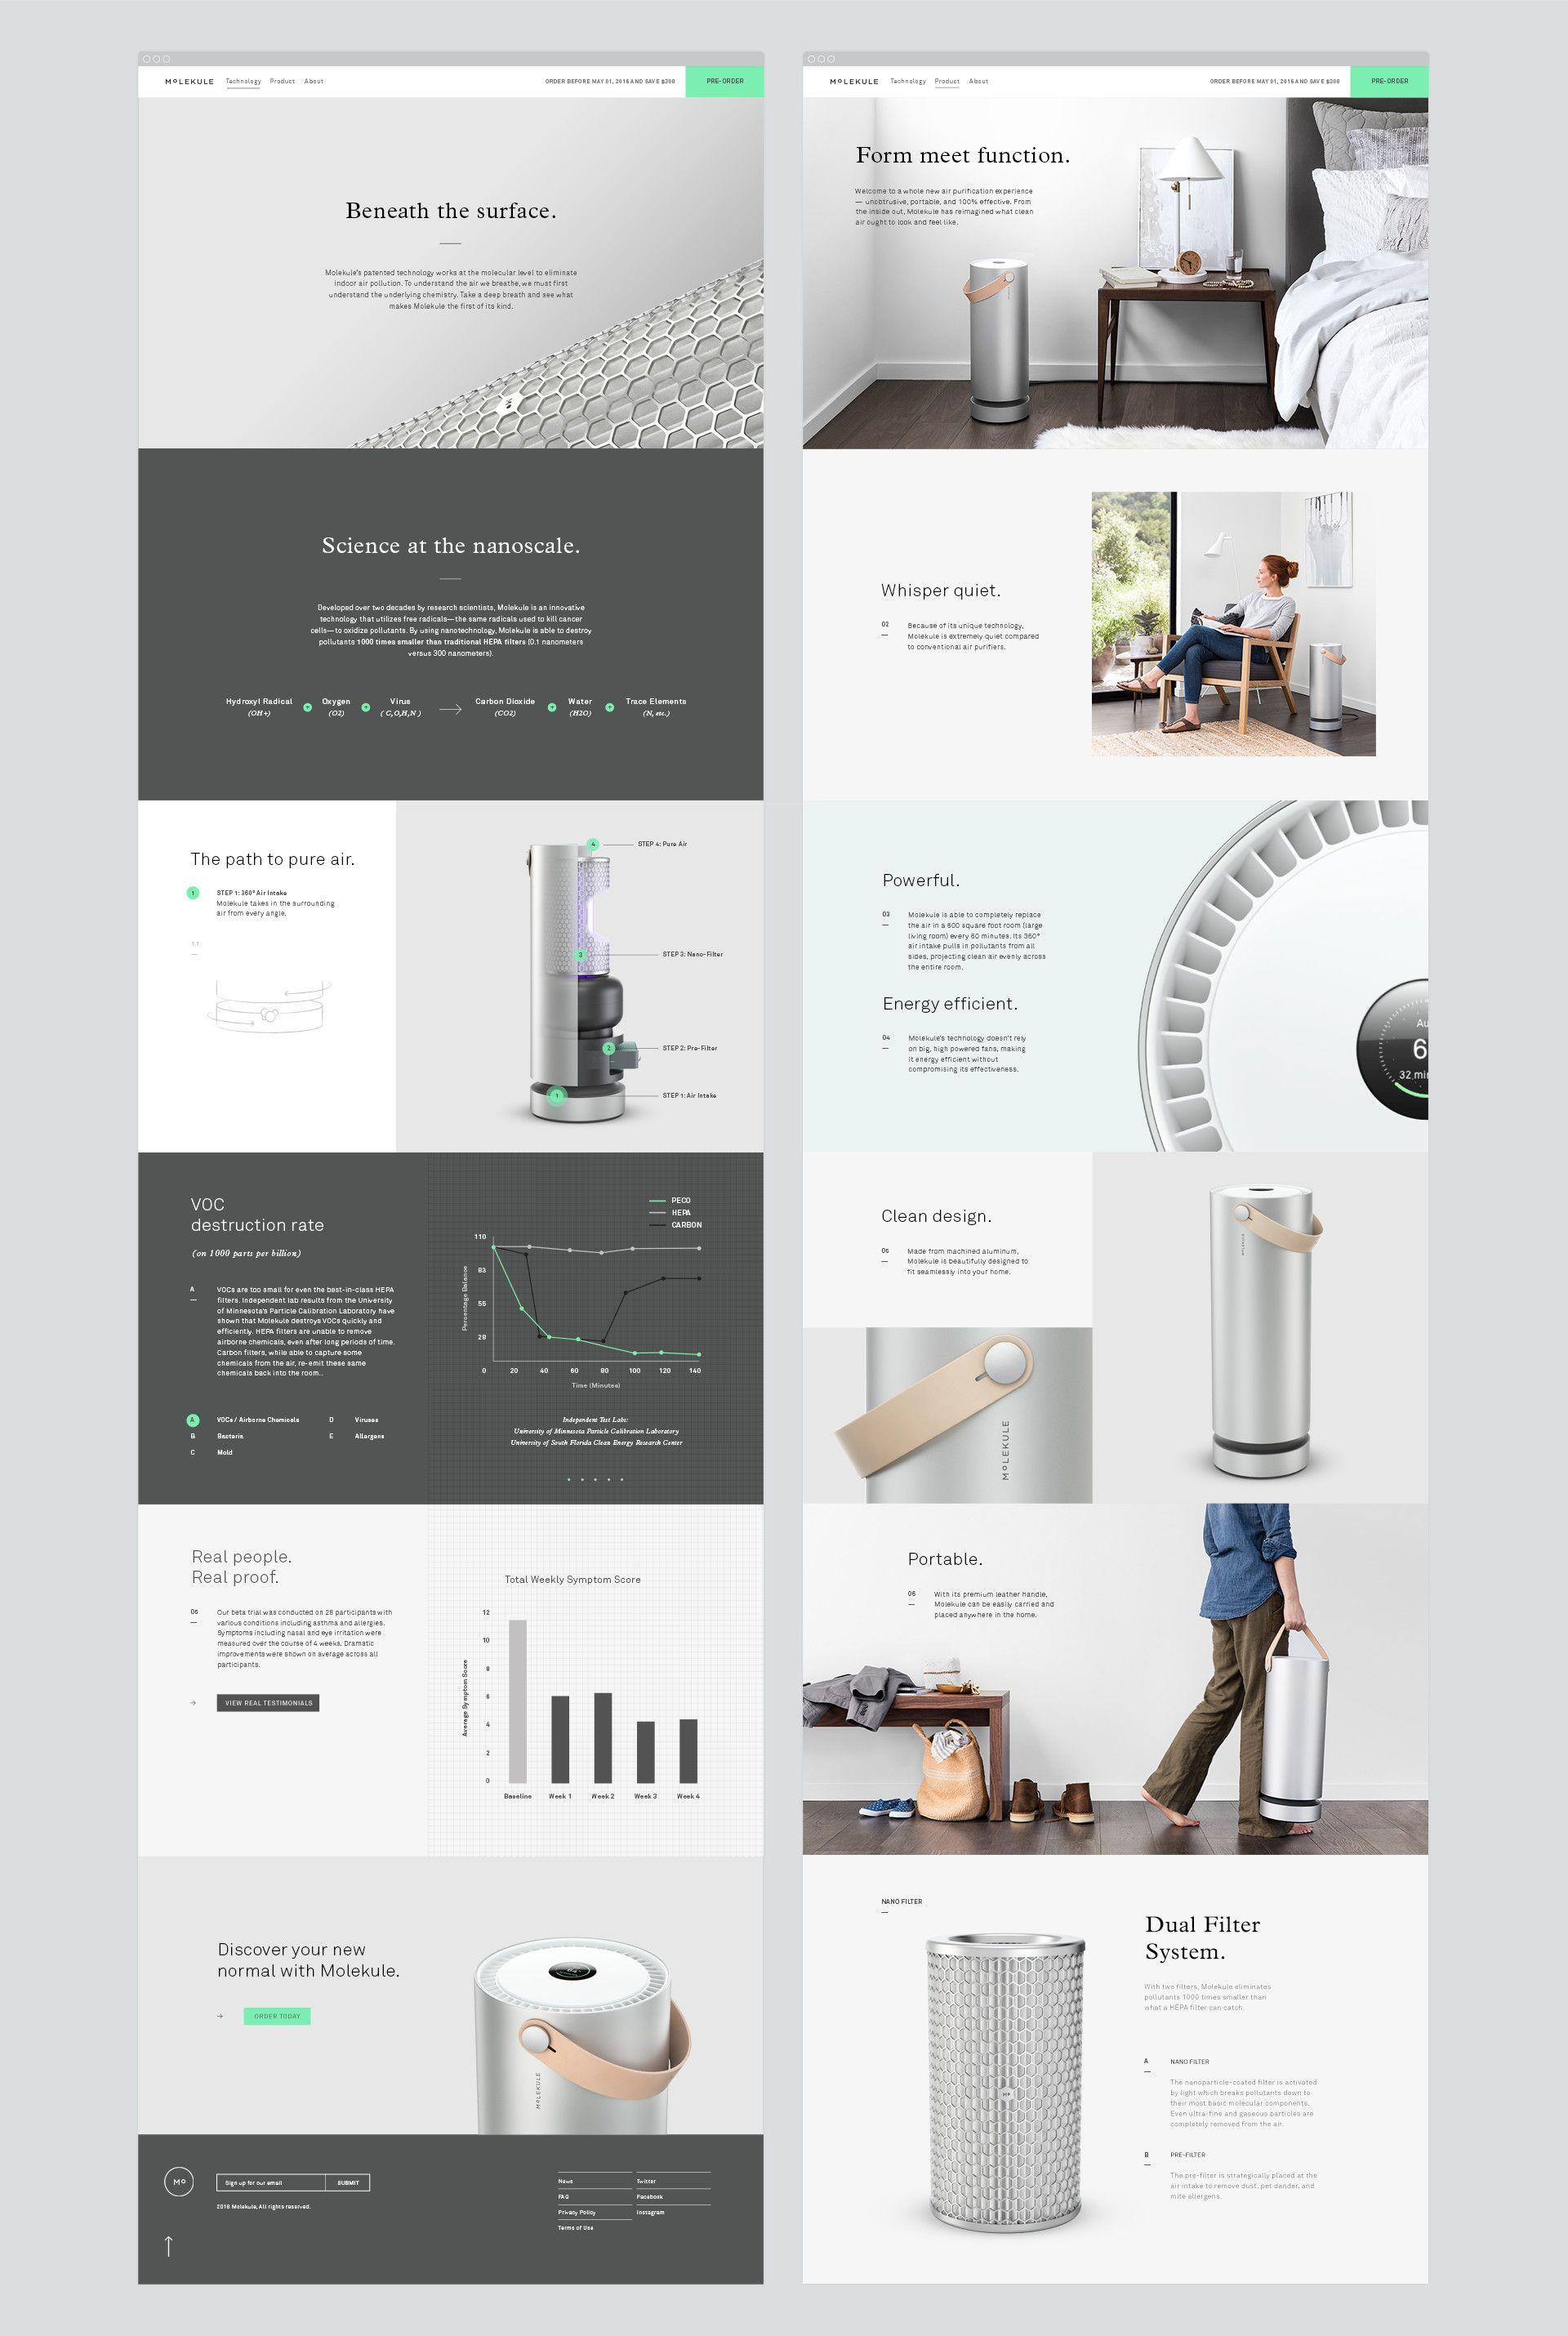 Molekule Branding Industrial Design Portfolio Portfolio Design Layout Design